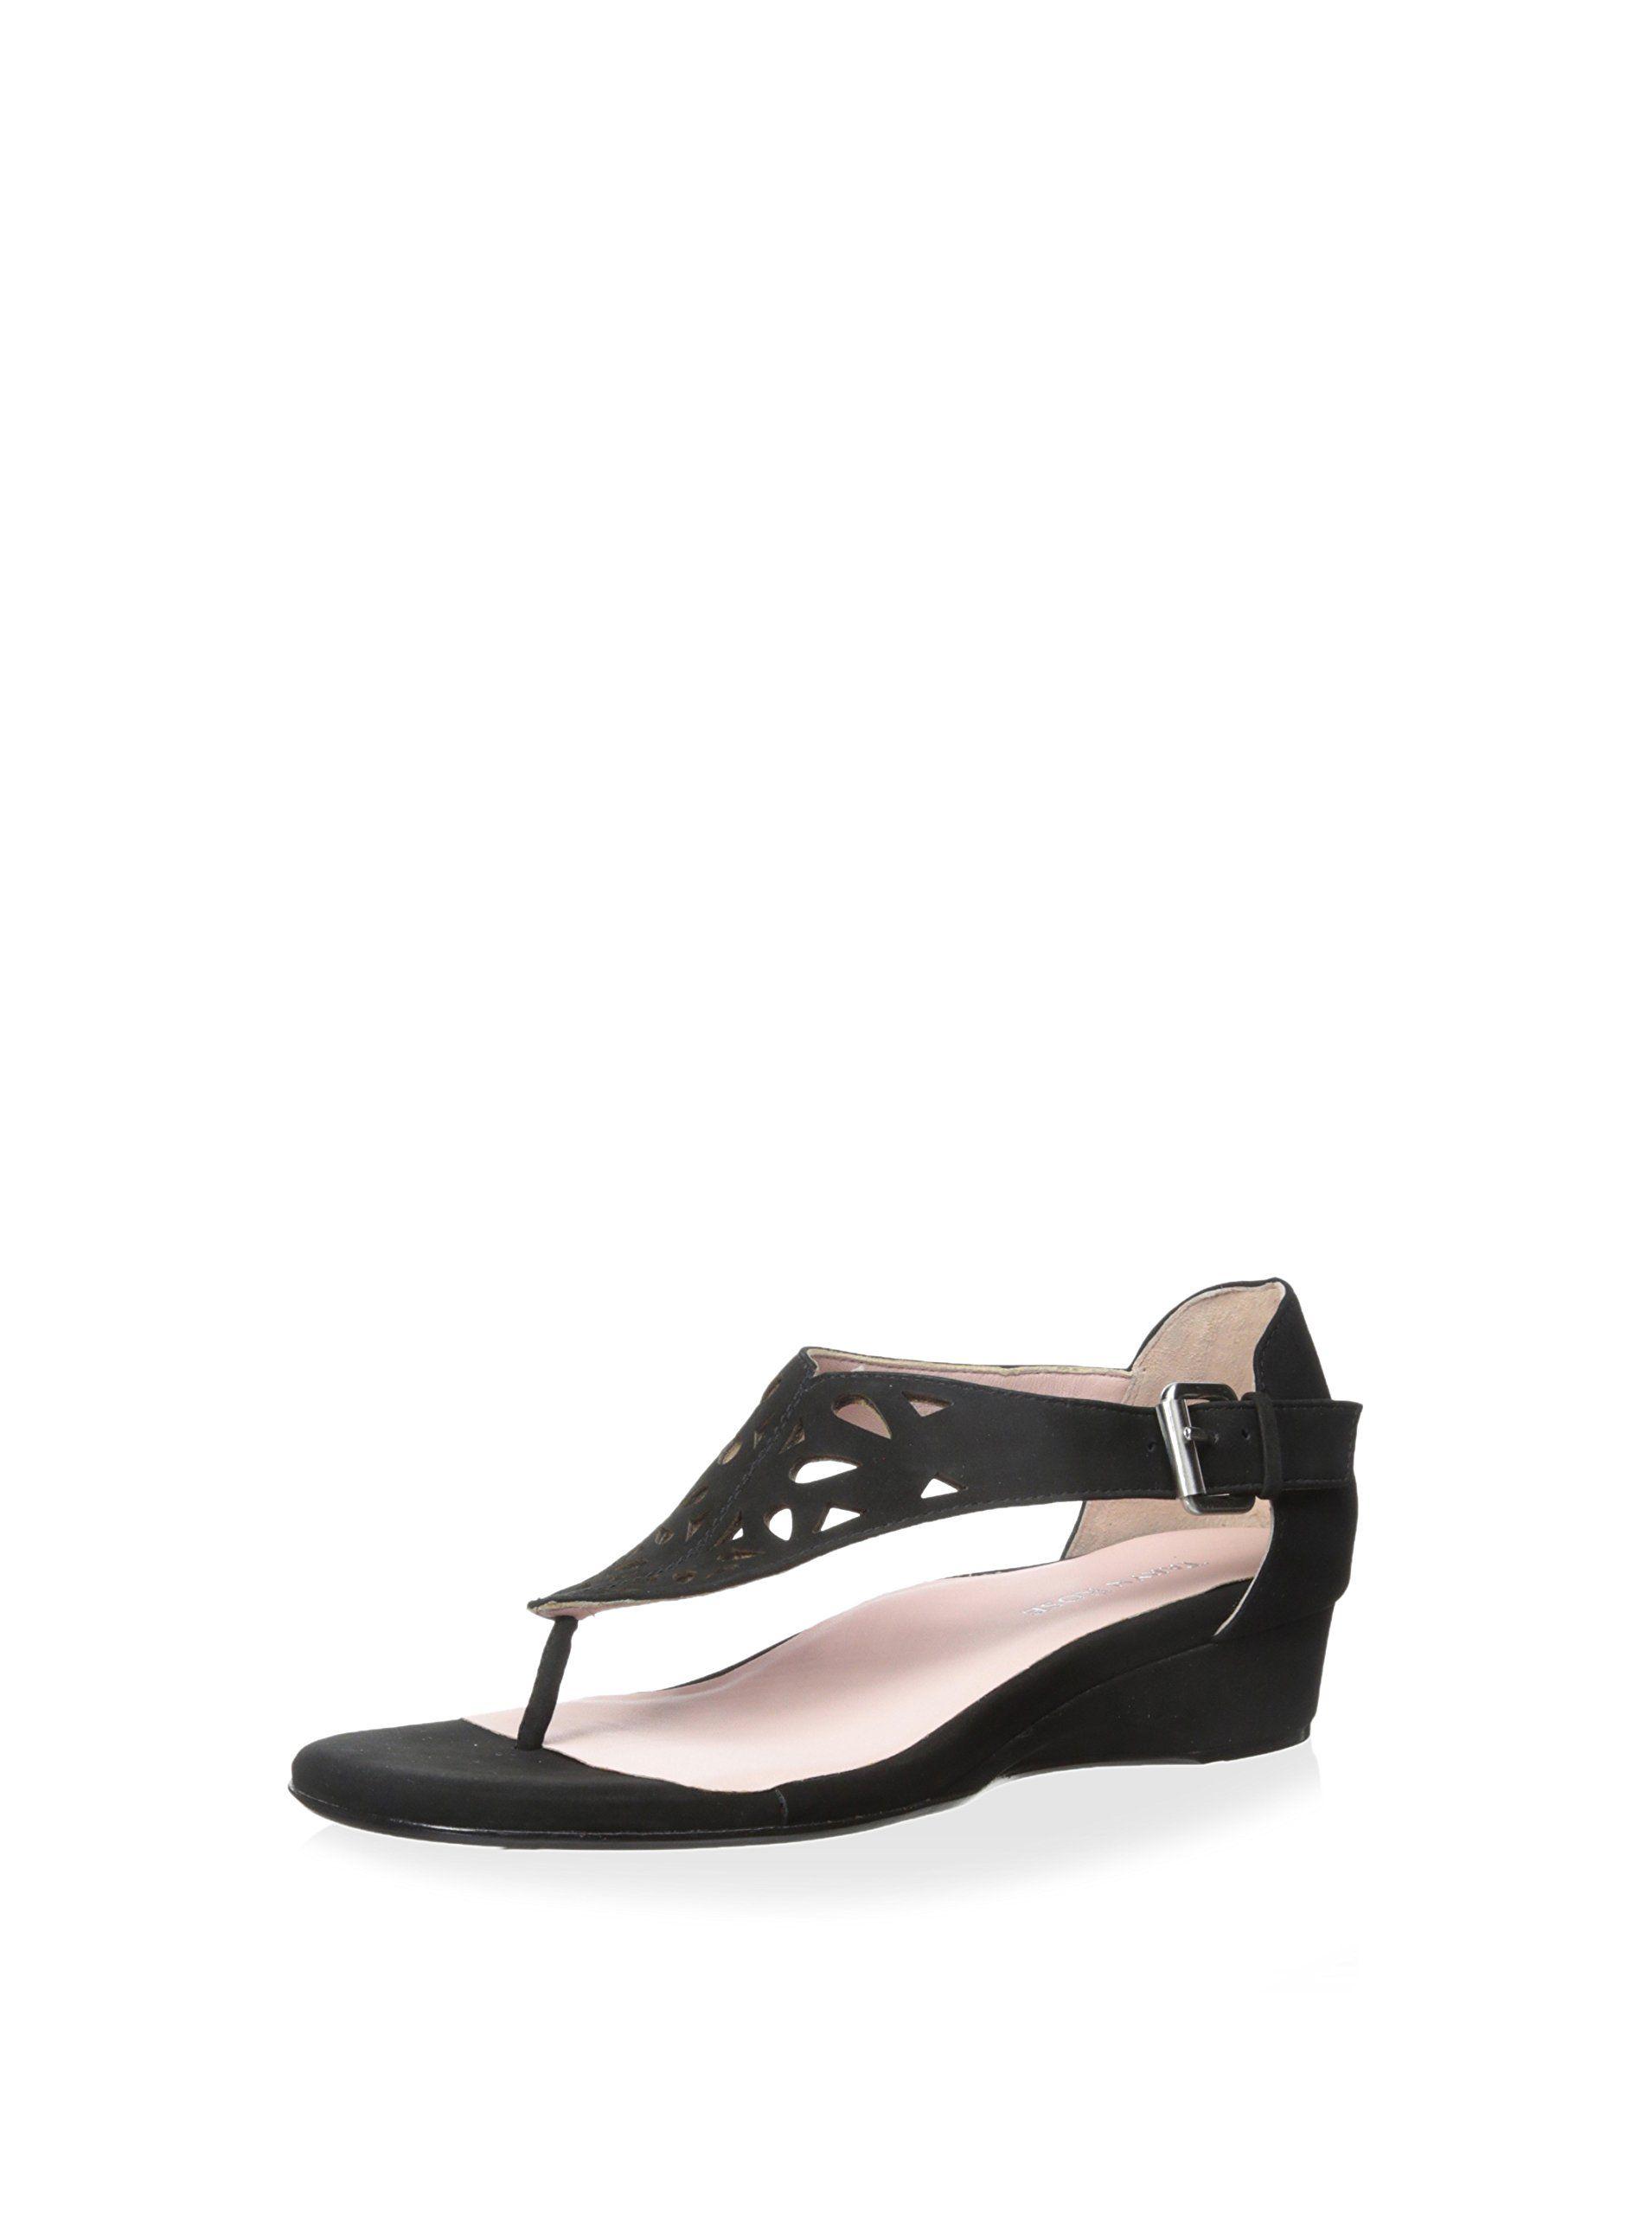 7839b5d9cafccf Taryn Rose Women s Kaiser Sandal at MYHABIT